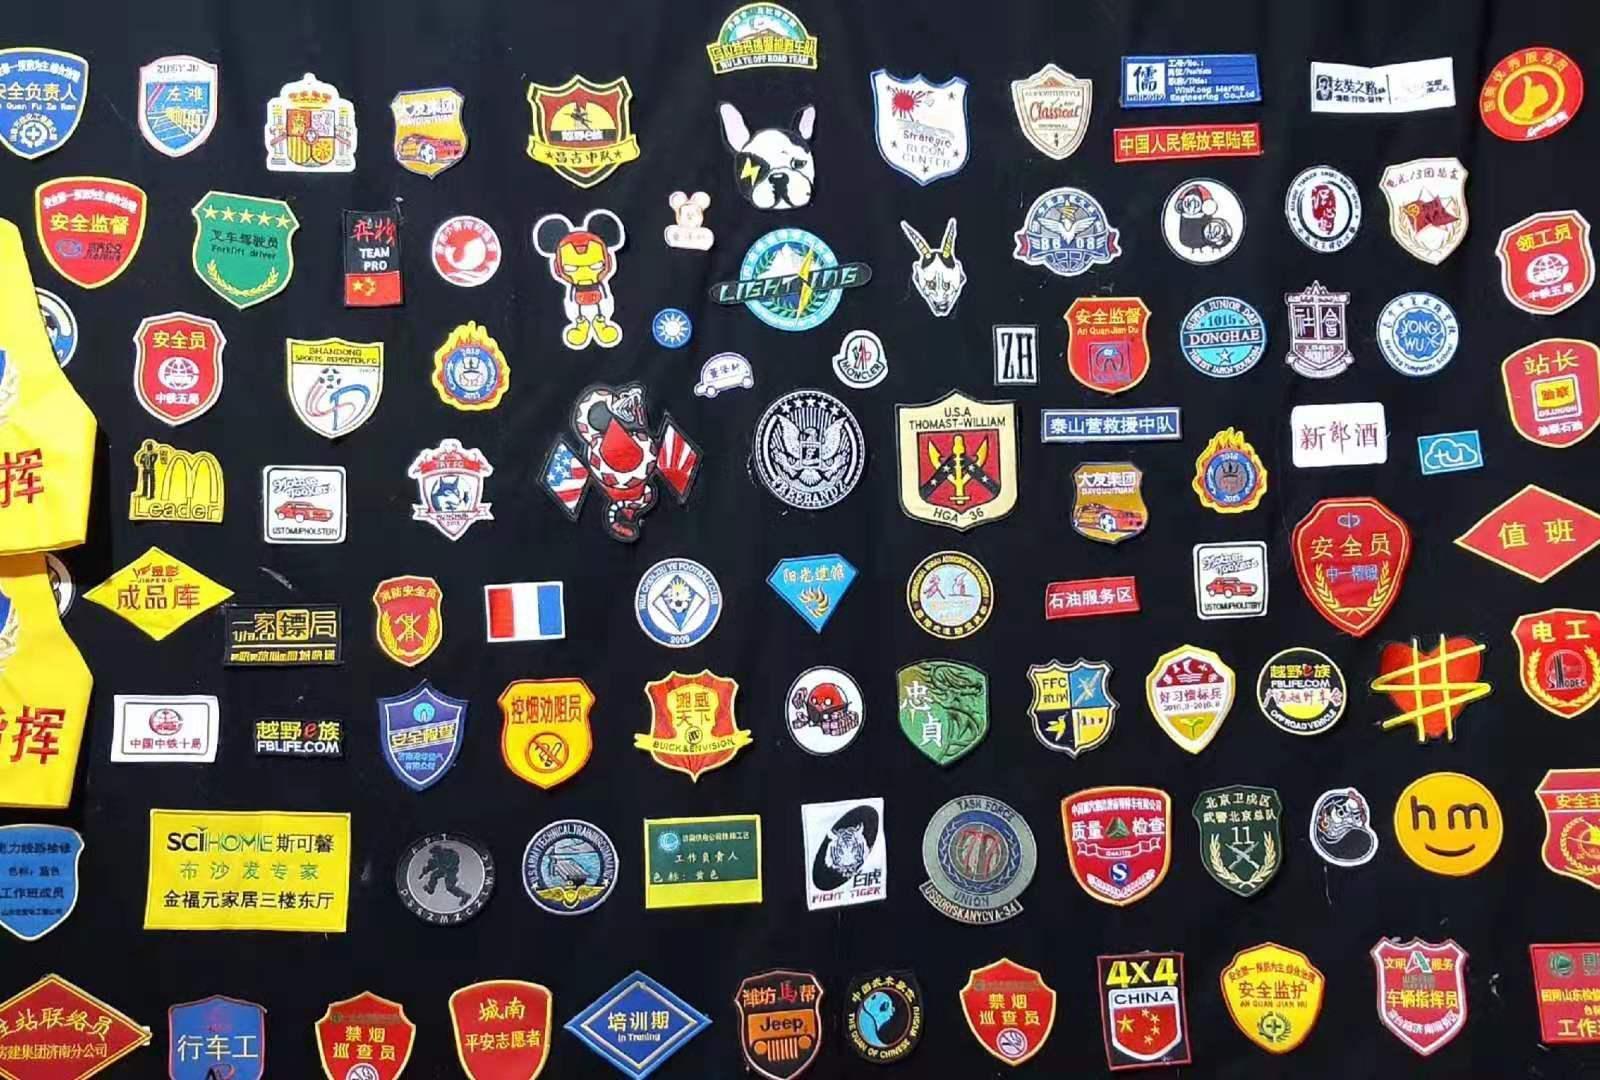 袖标袖章制作 定做旗帜 各种袖标锦集